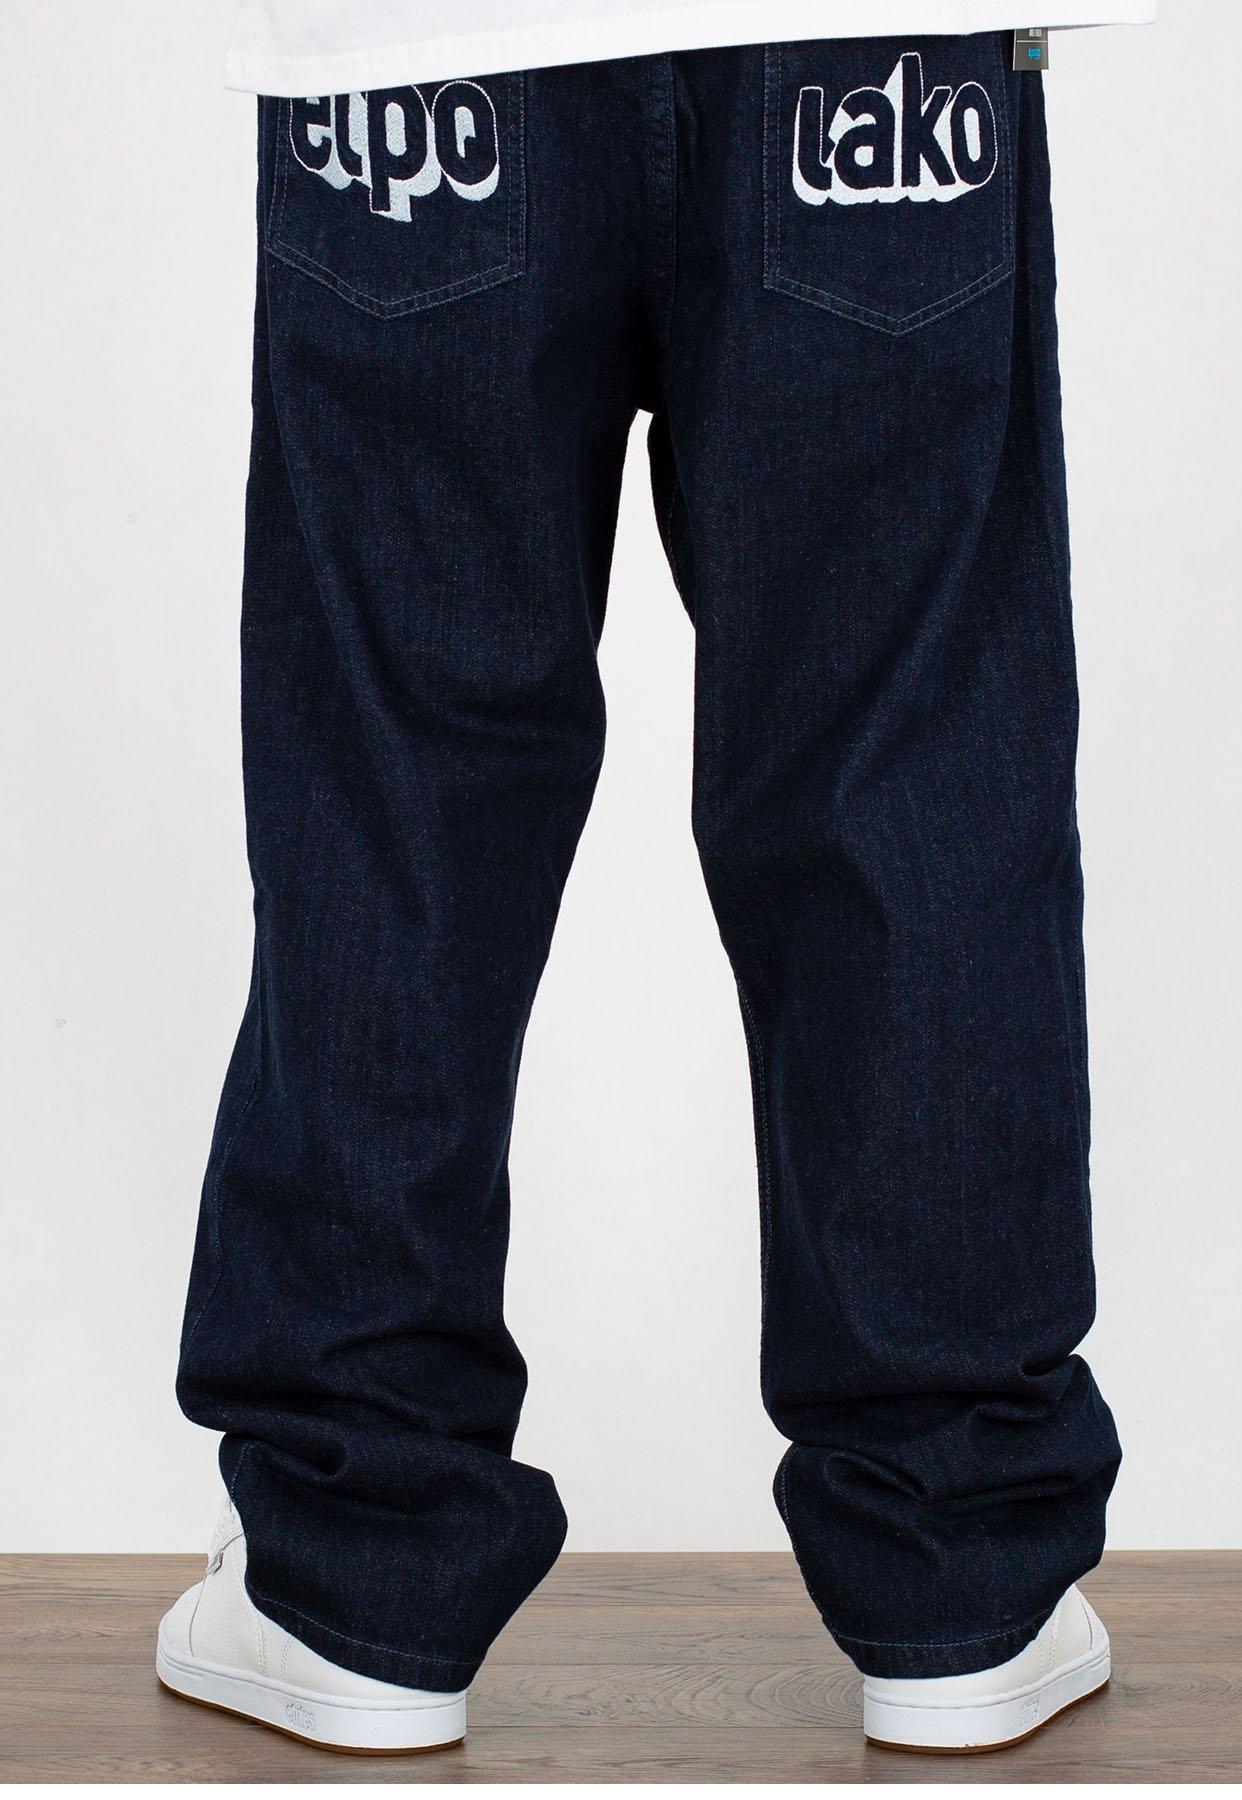 przed Sprzedaż Cena hurtowa na wyprzedaży Spodnie El Polako Baggy 3D ciemne